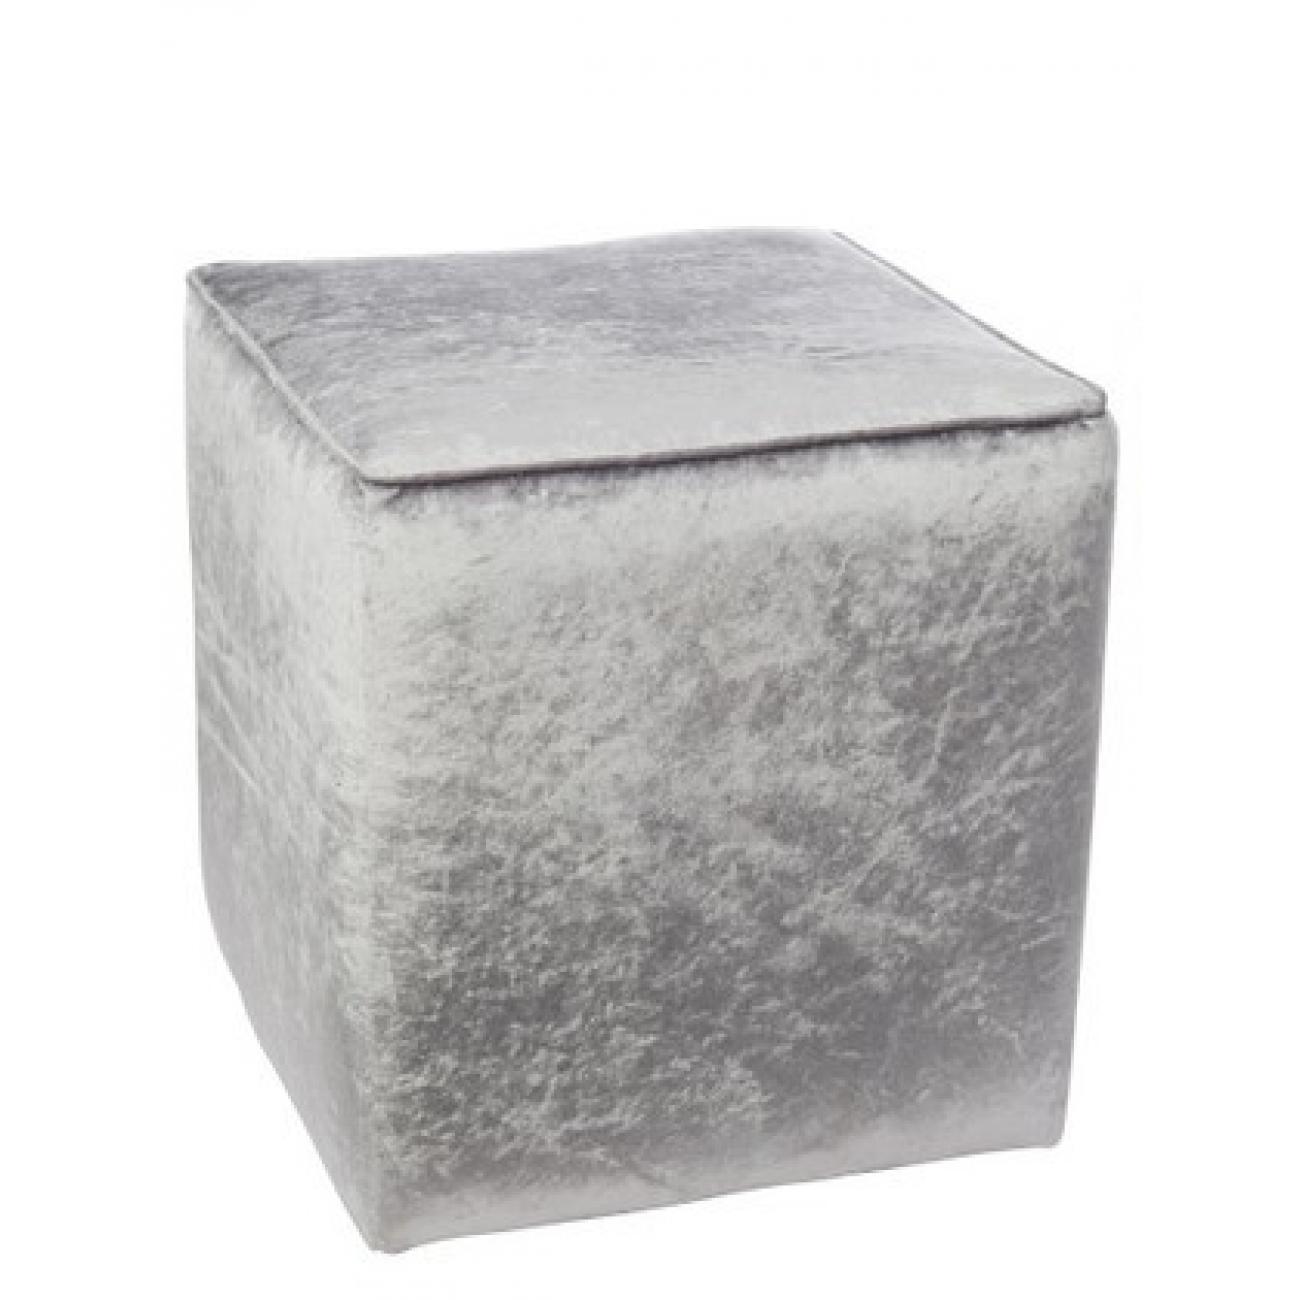 Пуф J-LINE вельветовый серый стальной 36х36х37см